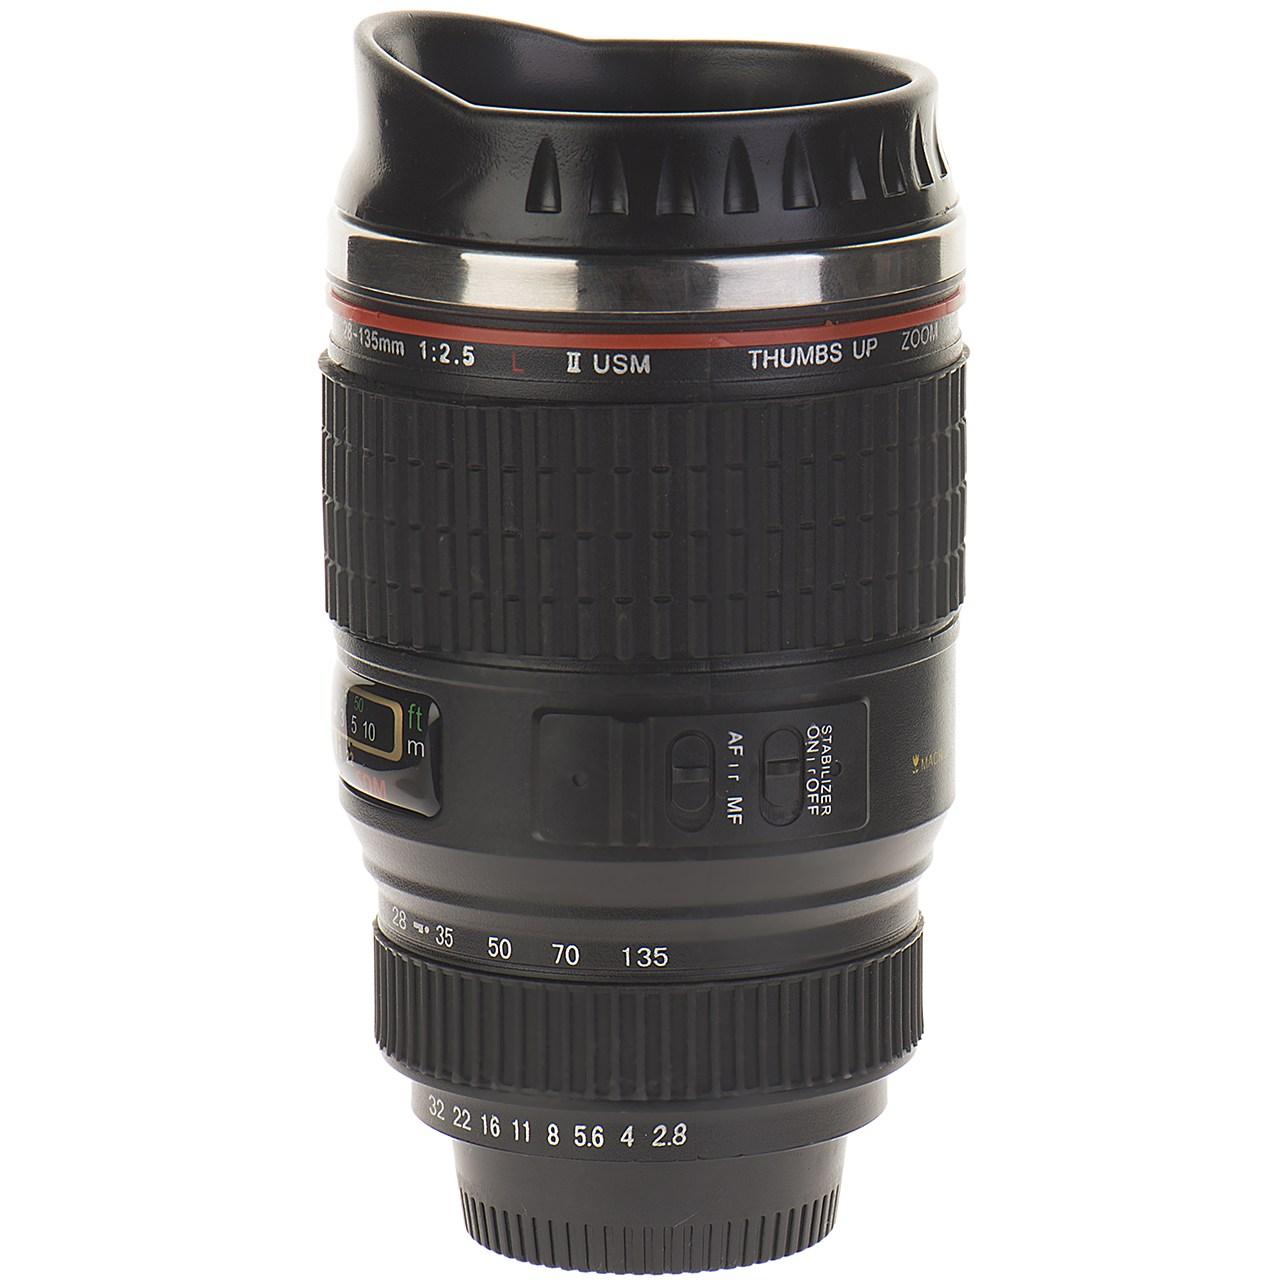 ماگ طرح لنز دوربین Caniam 28-135